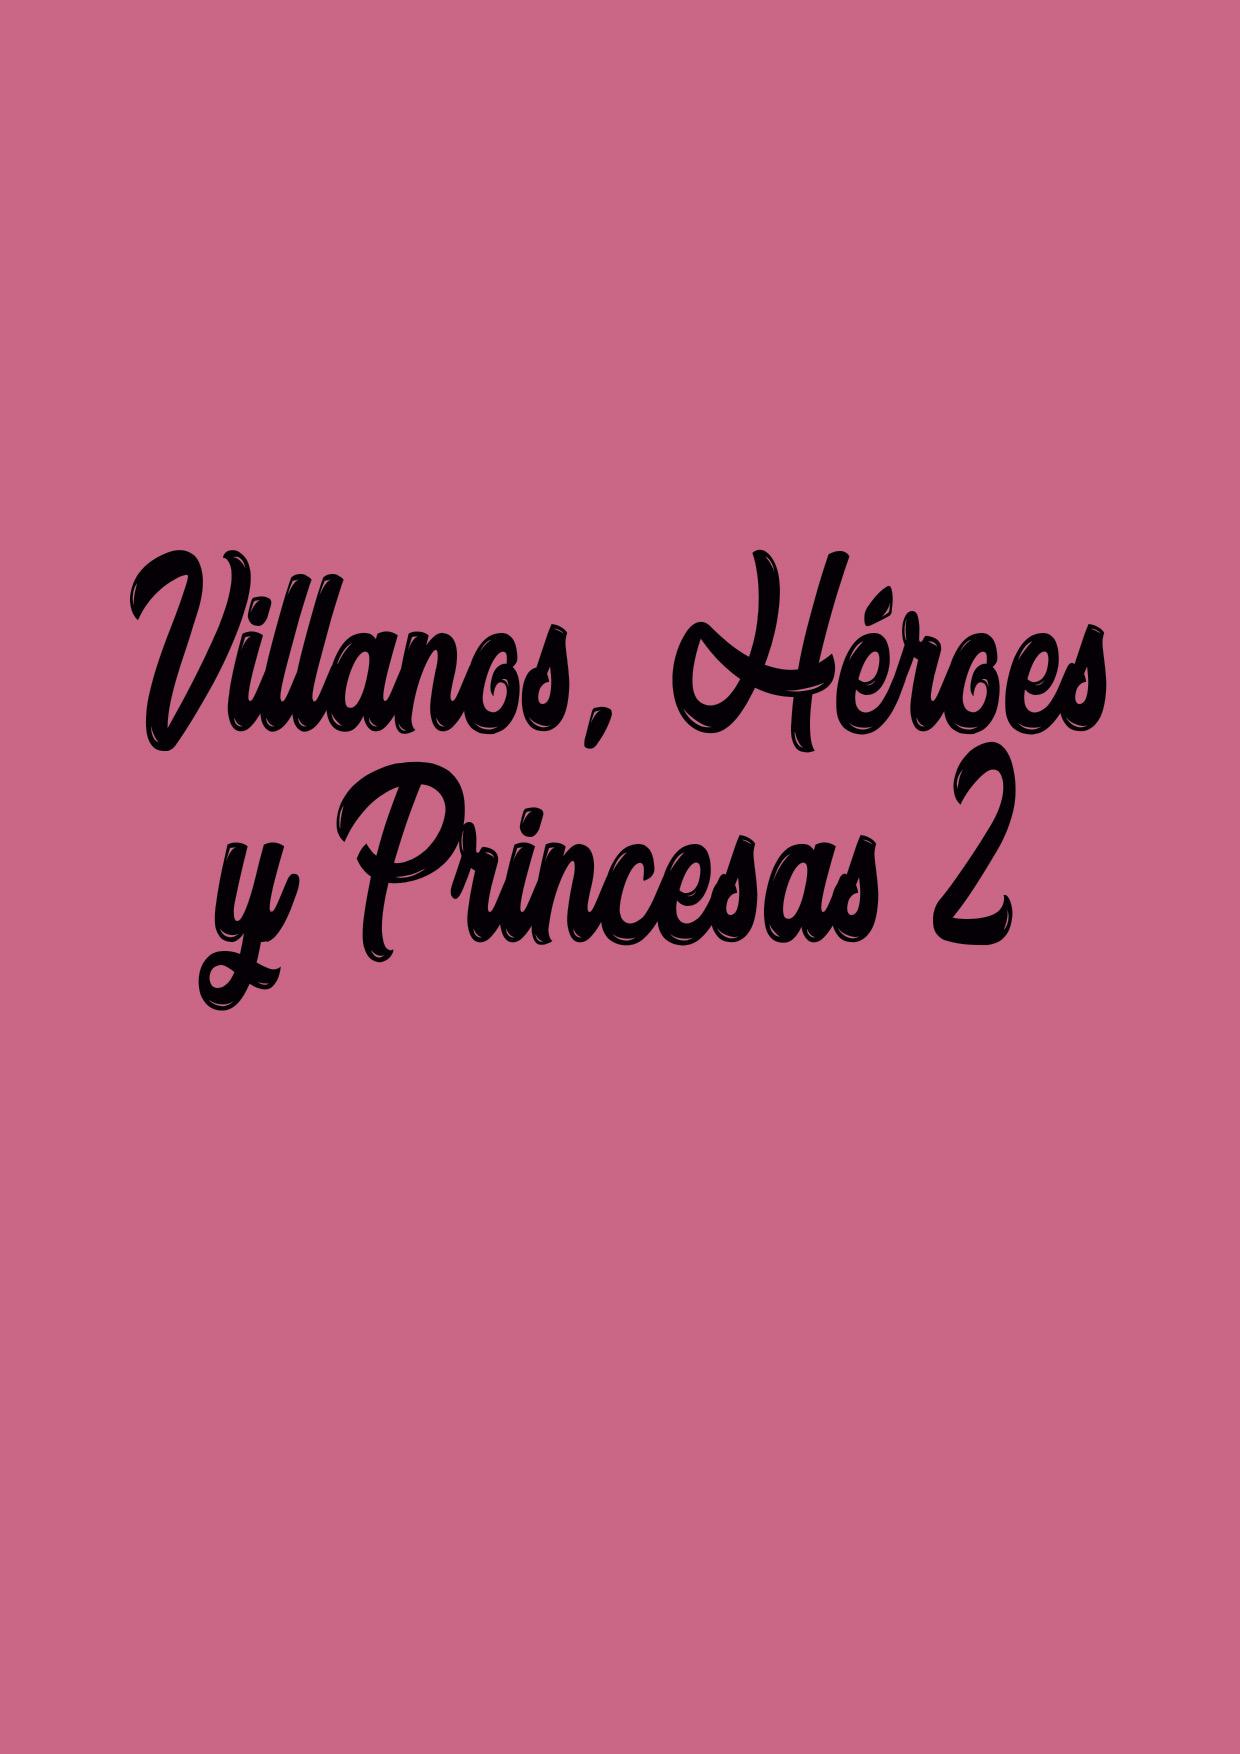 VILLANOS2